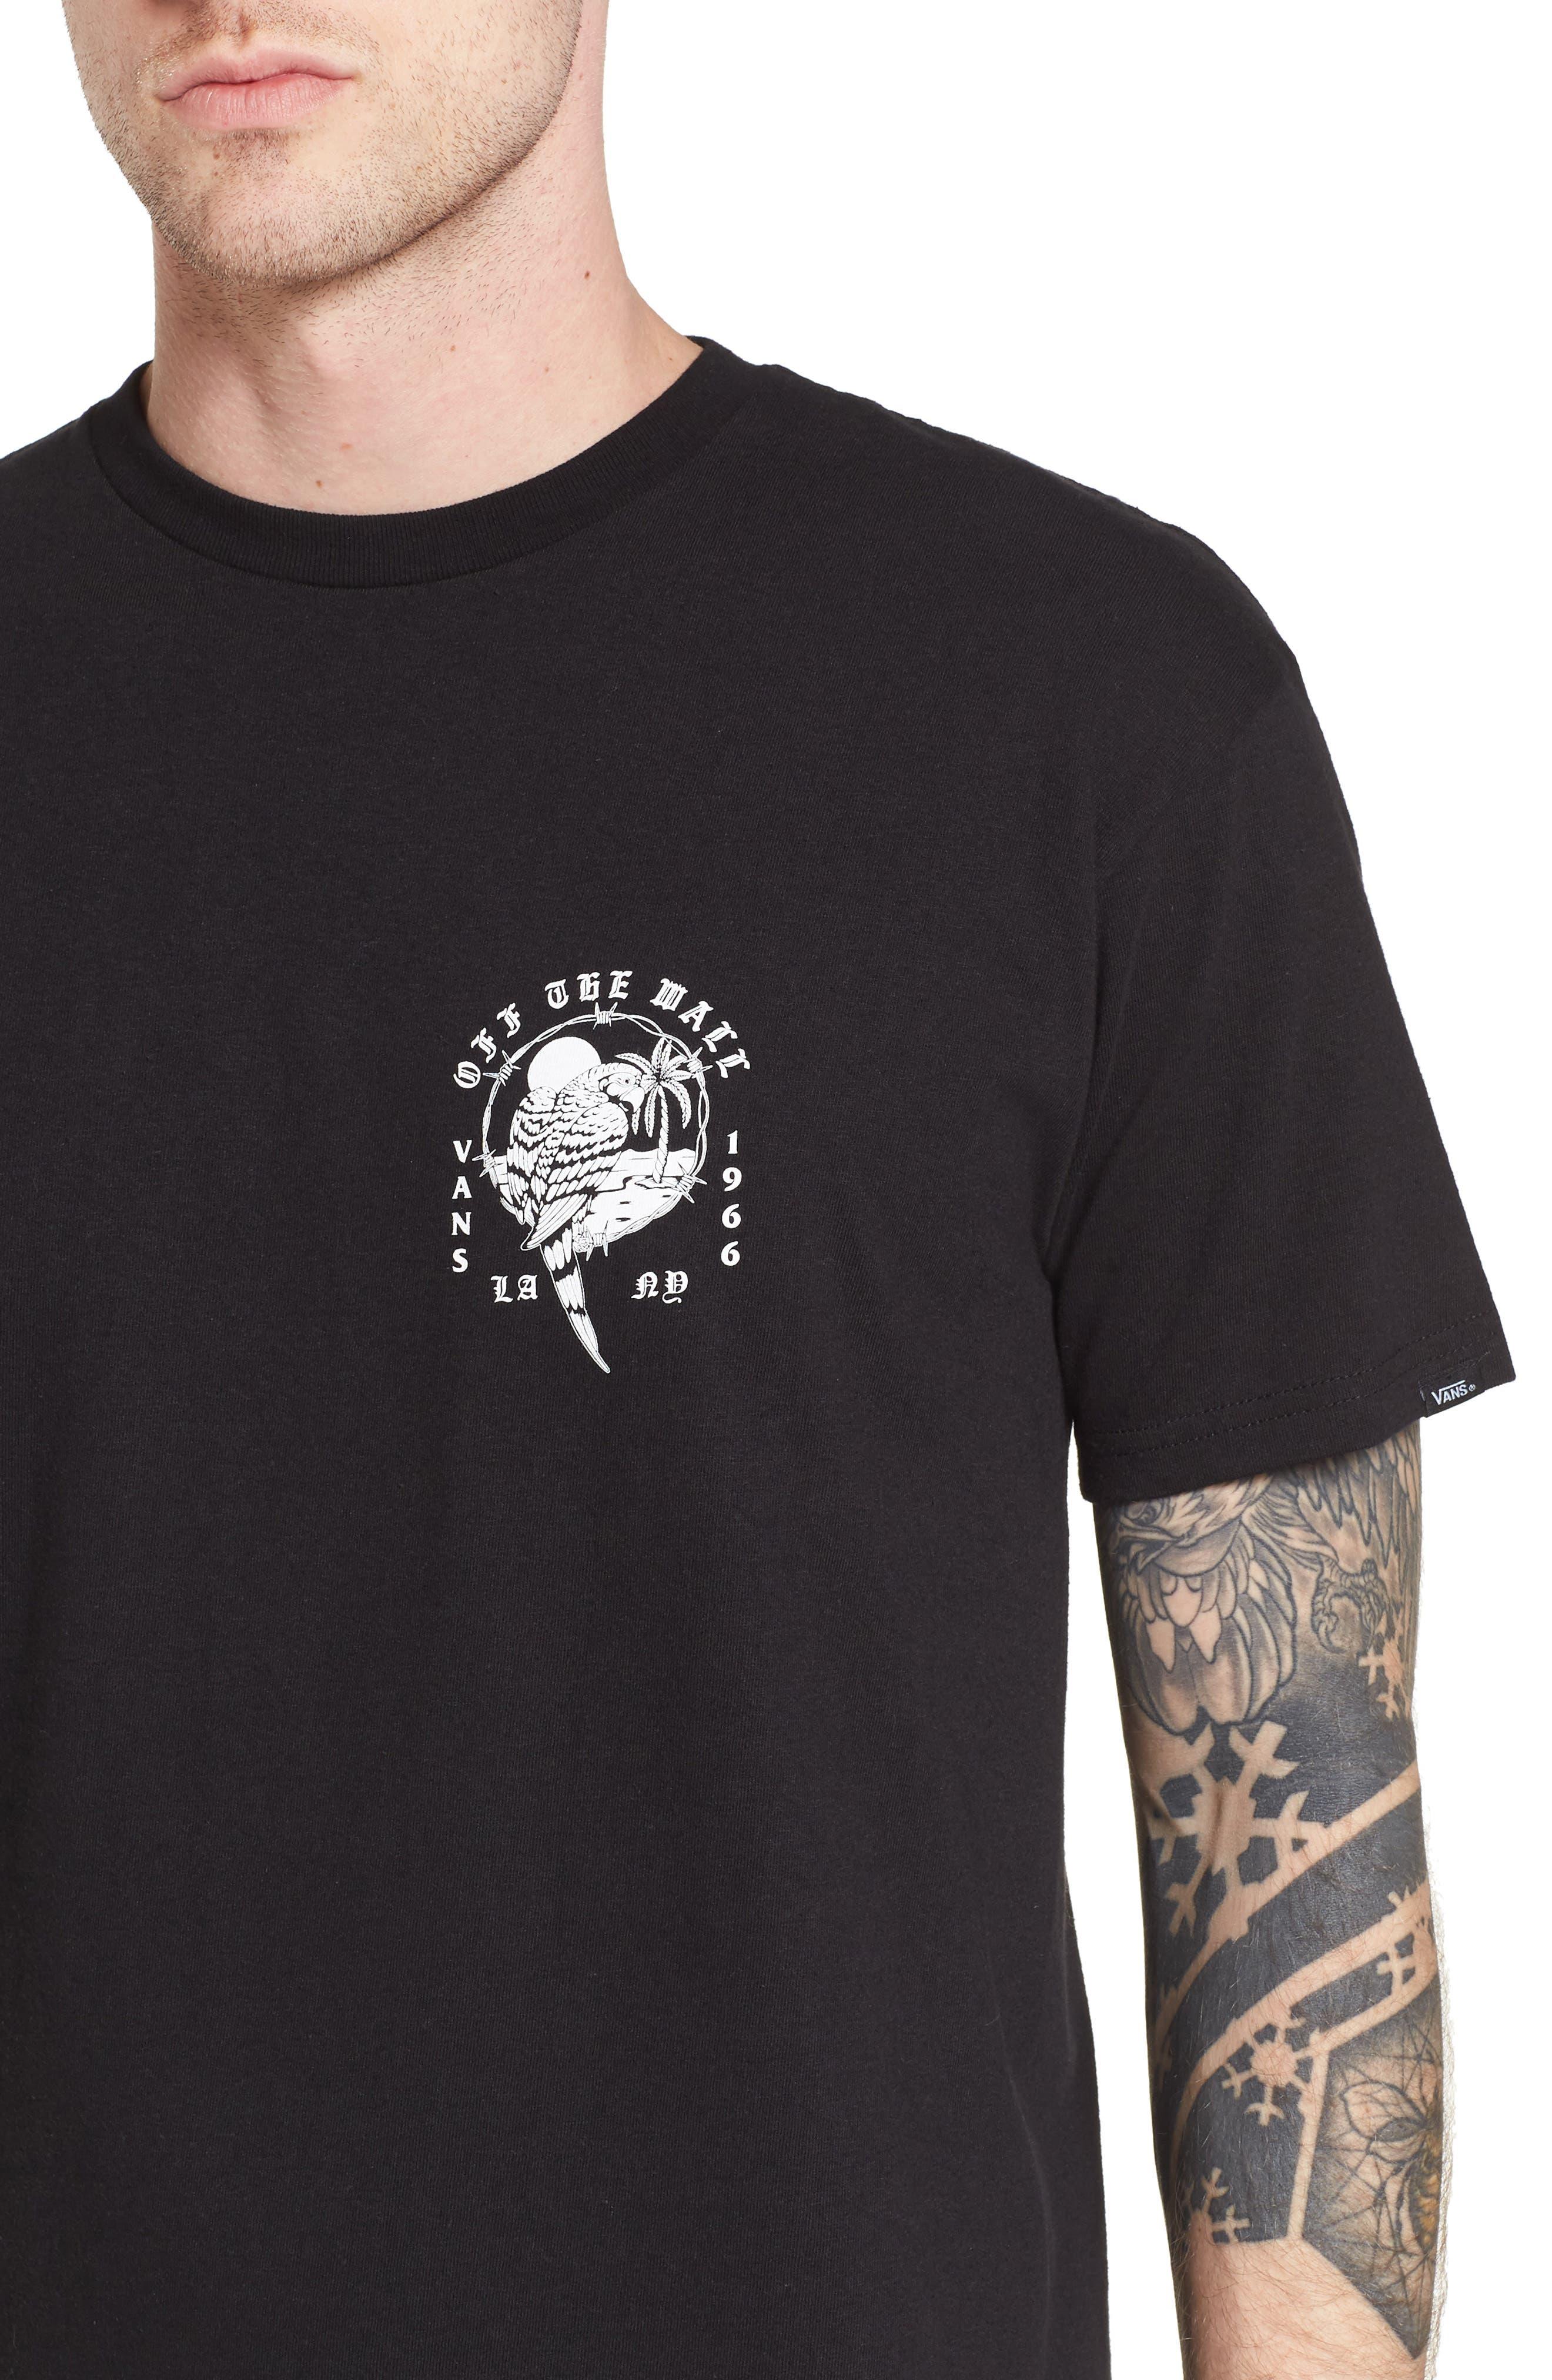 Parrot Beach Graphic T-Shirt,                             Alternate thumbnail 4, color,                             001